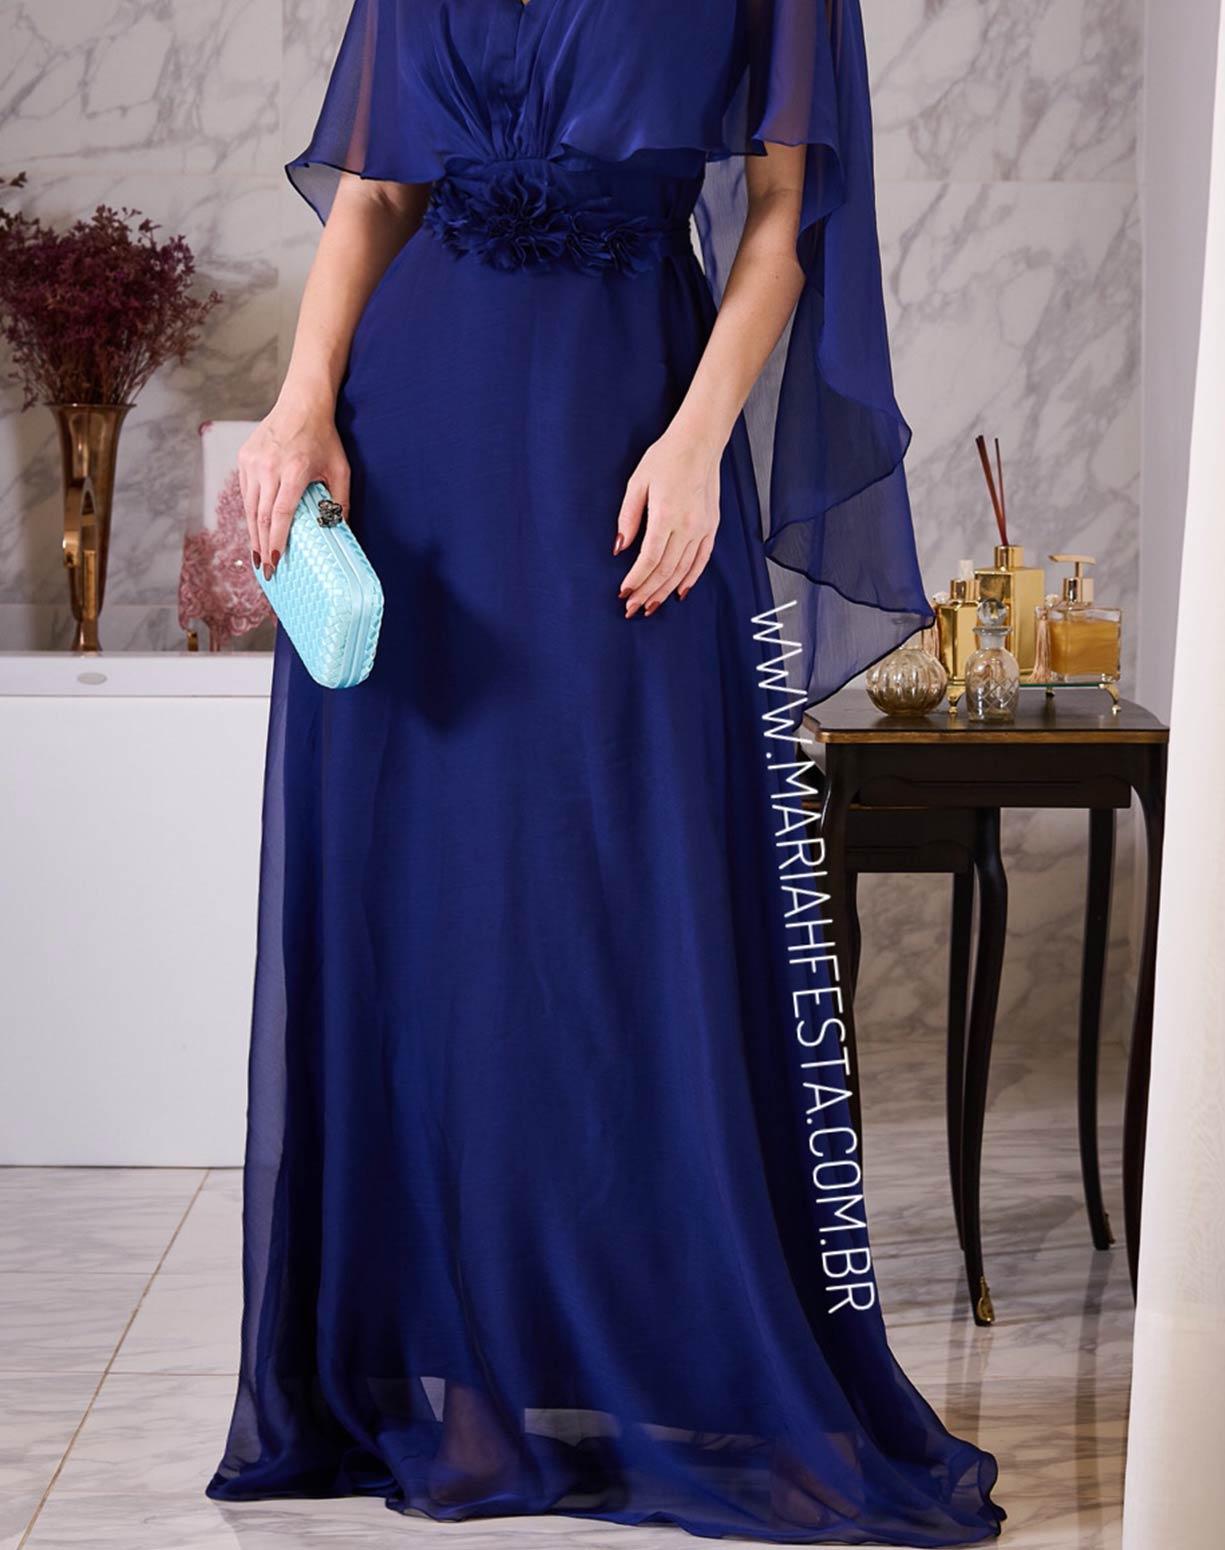 Vestido Azul em Organza com Aplicação em Flores no Cinto